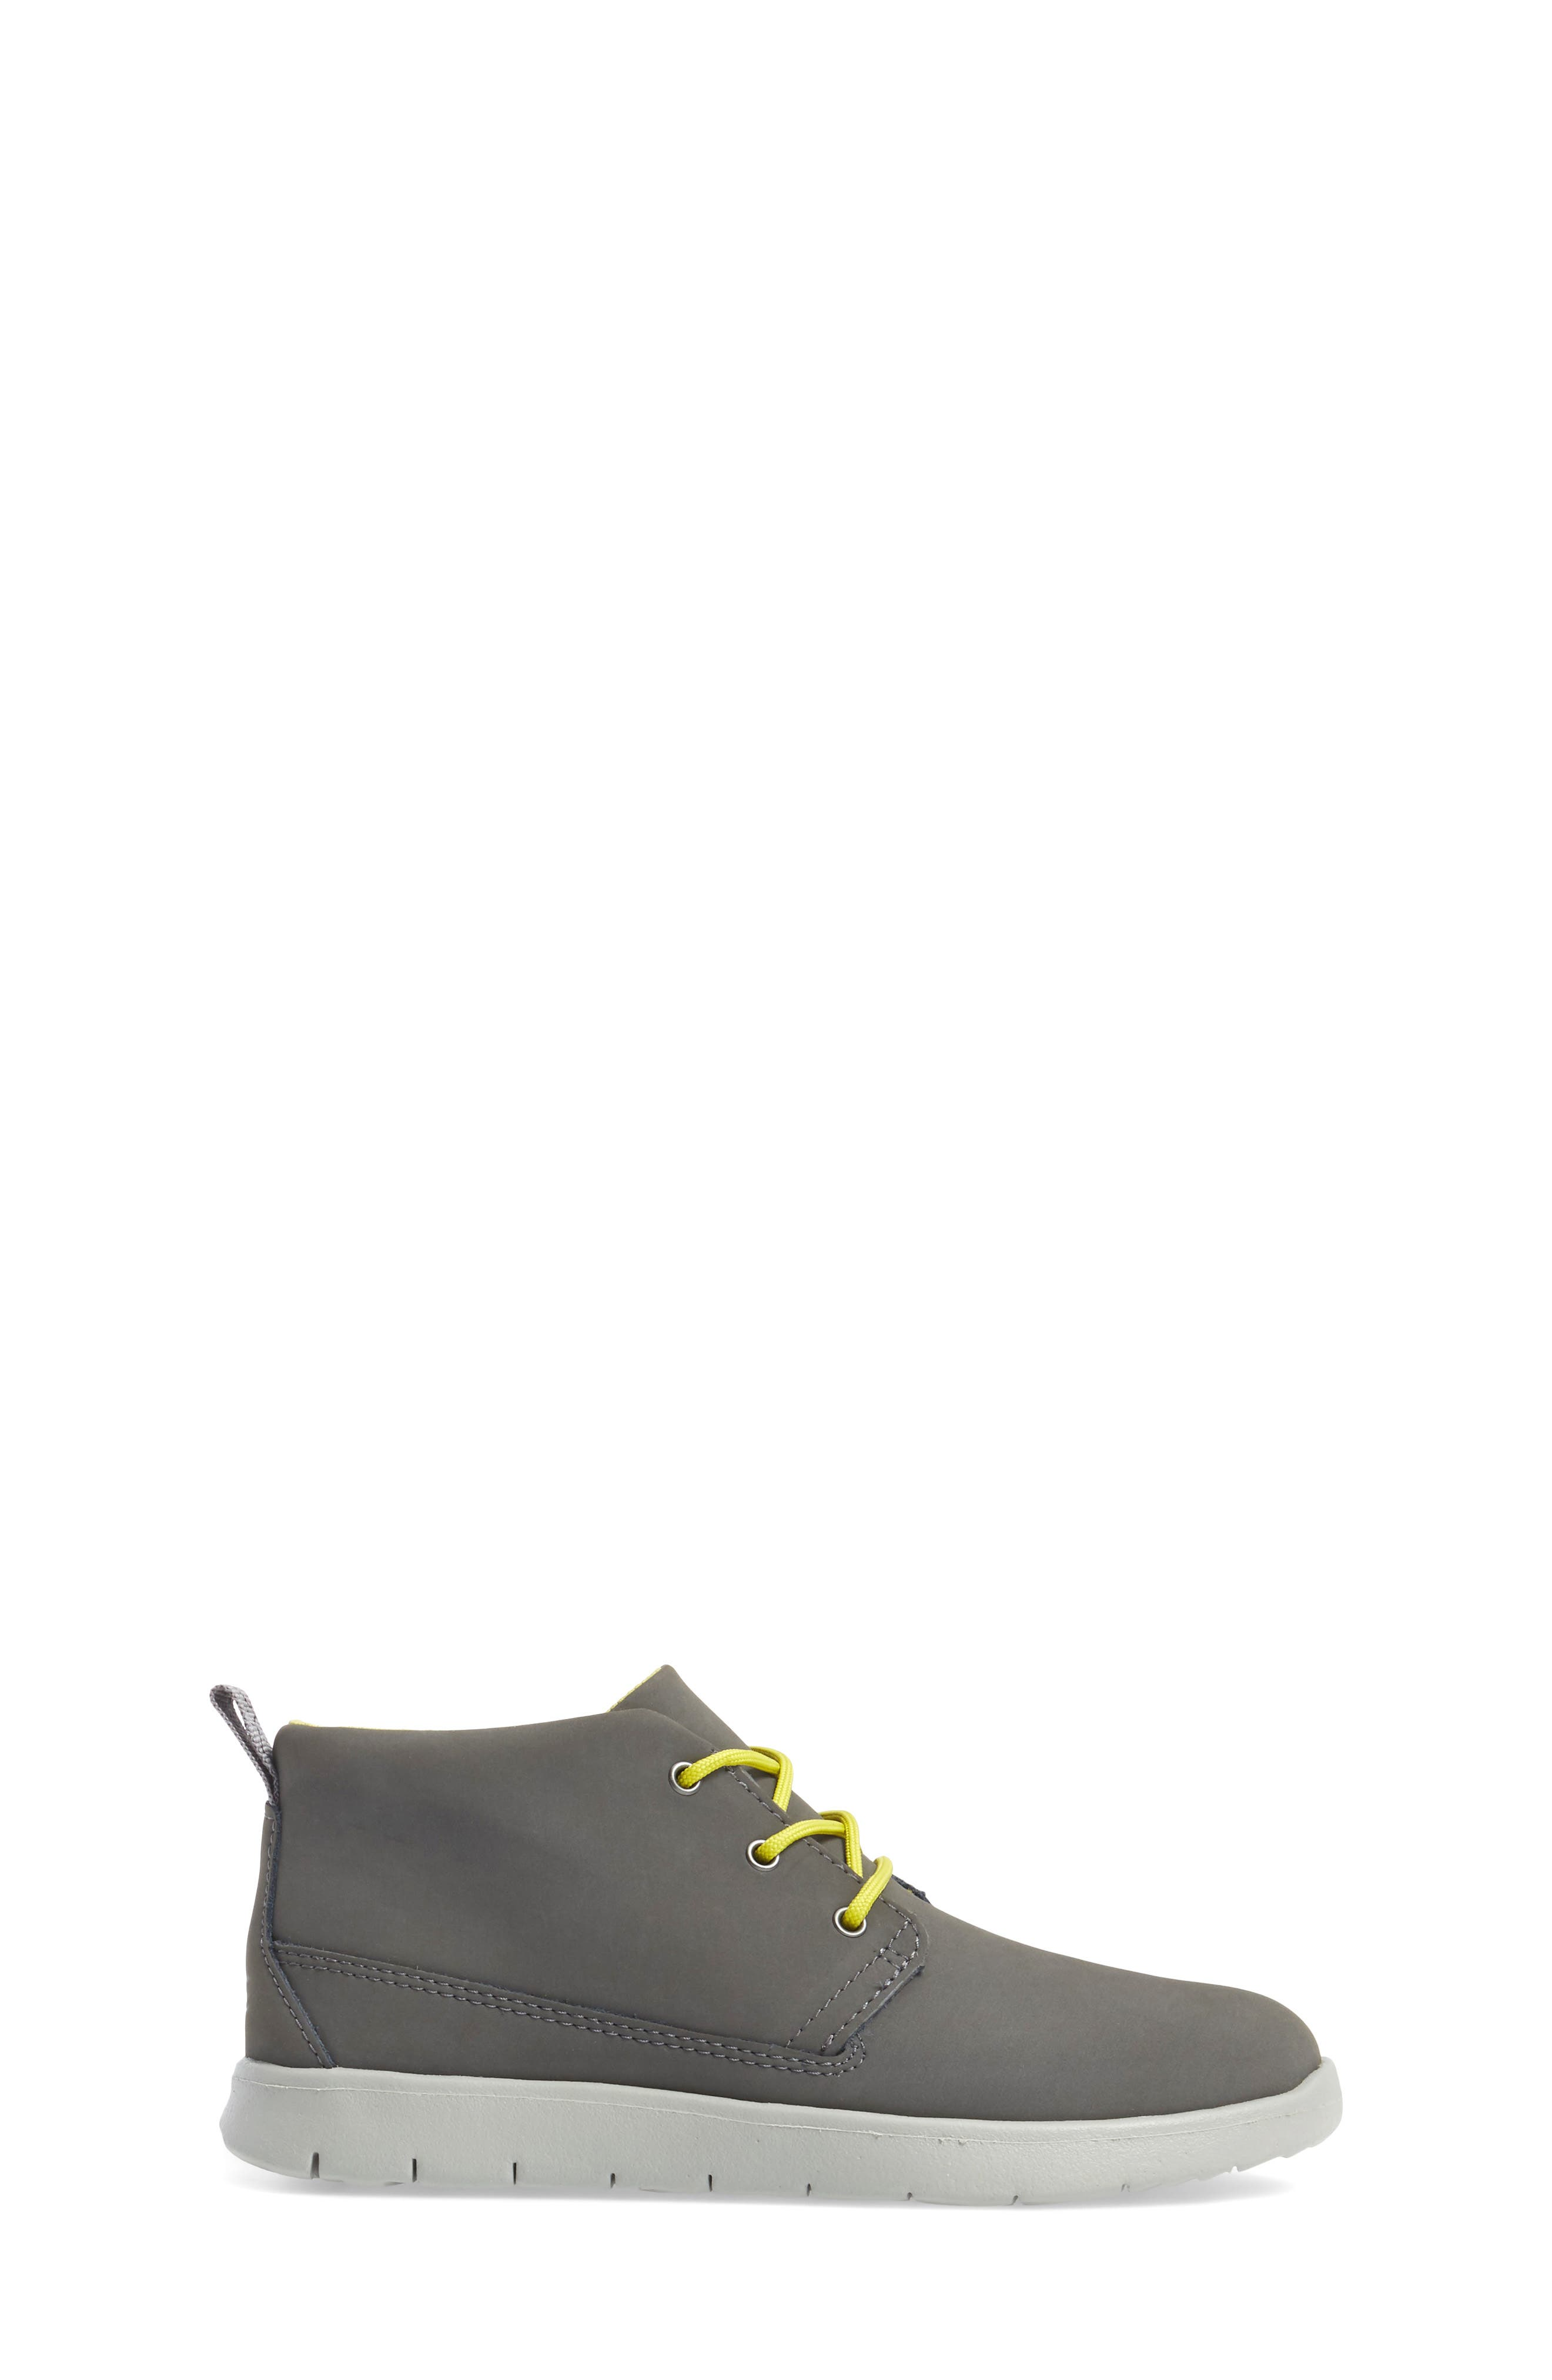 Canoe Water Resistant Chukka Sneaker,                             Alternate thumbnail 6, color,